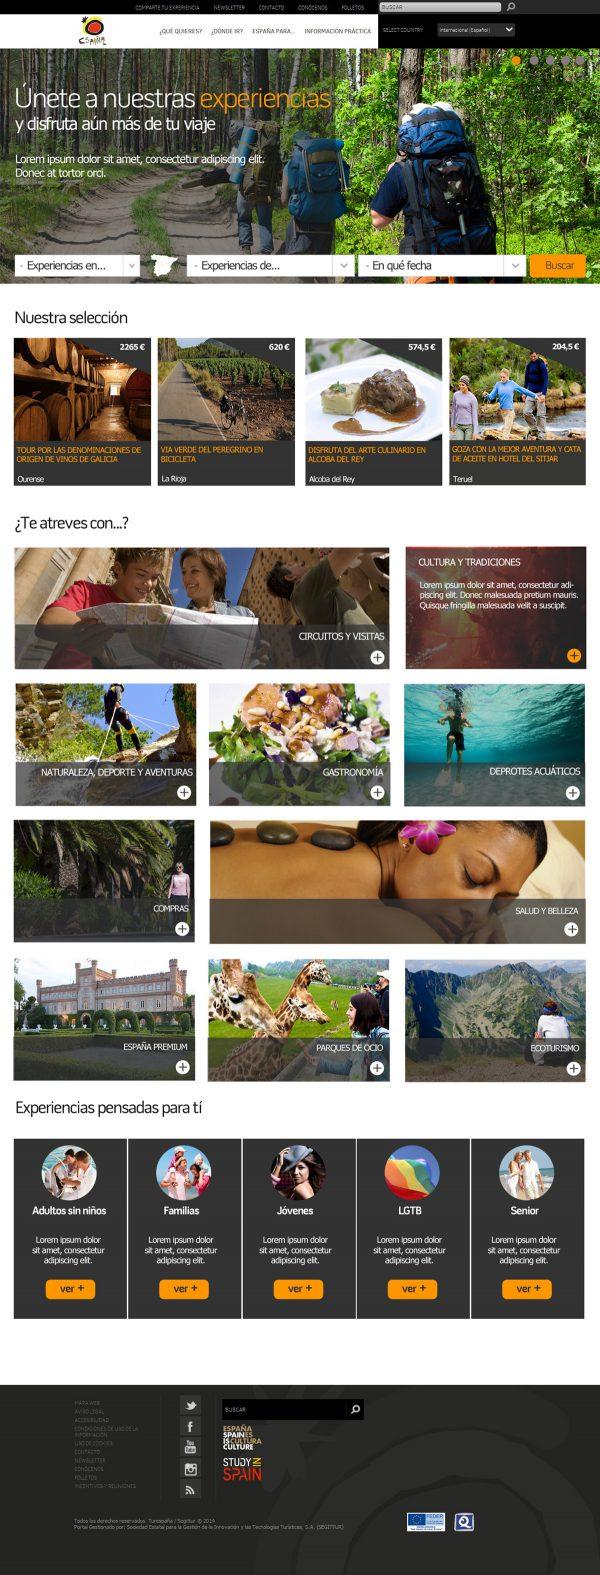 Landing page completa, diseño para el portal de  turismo de España